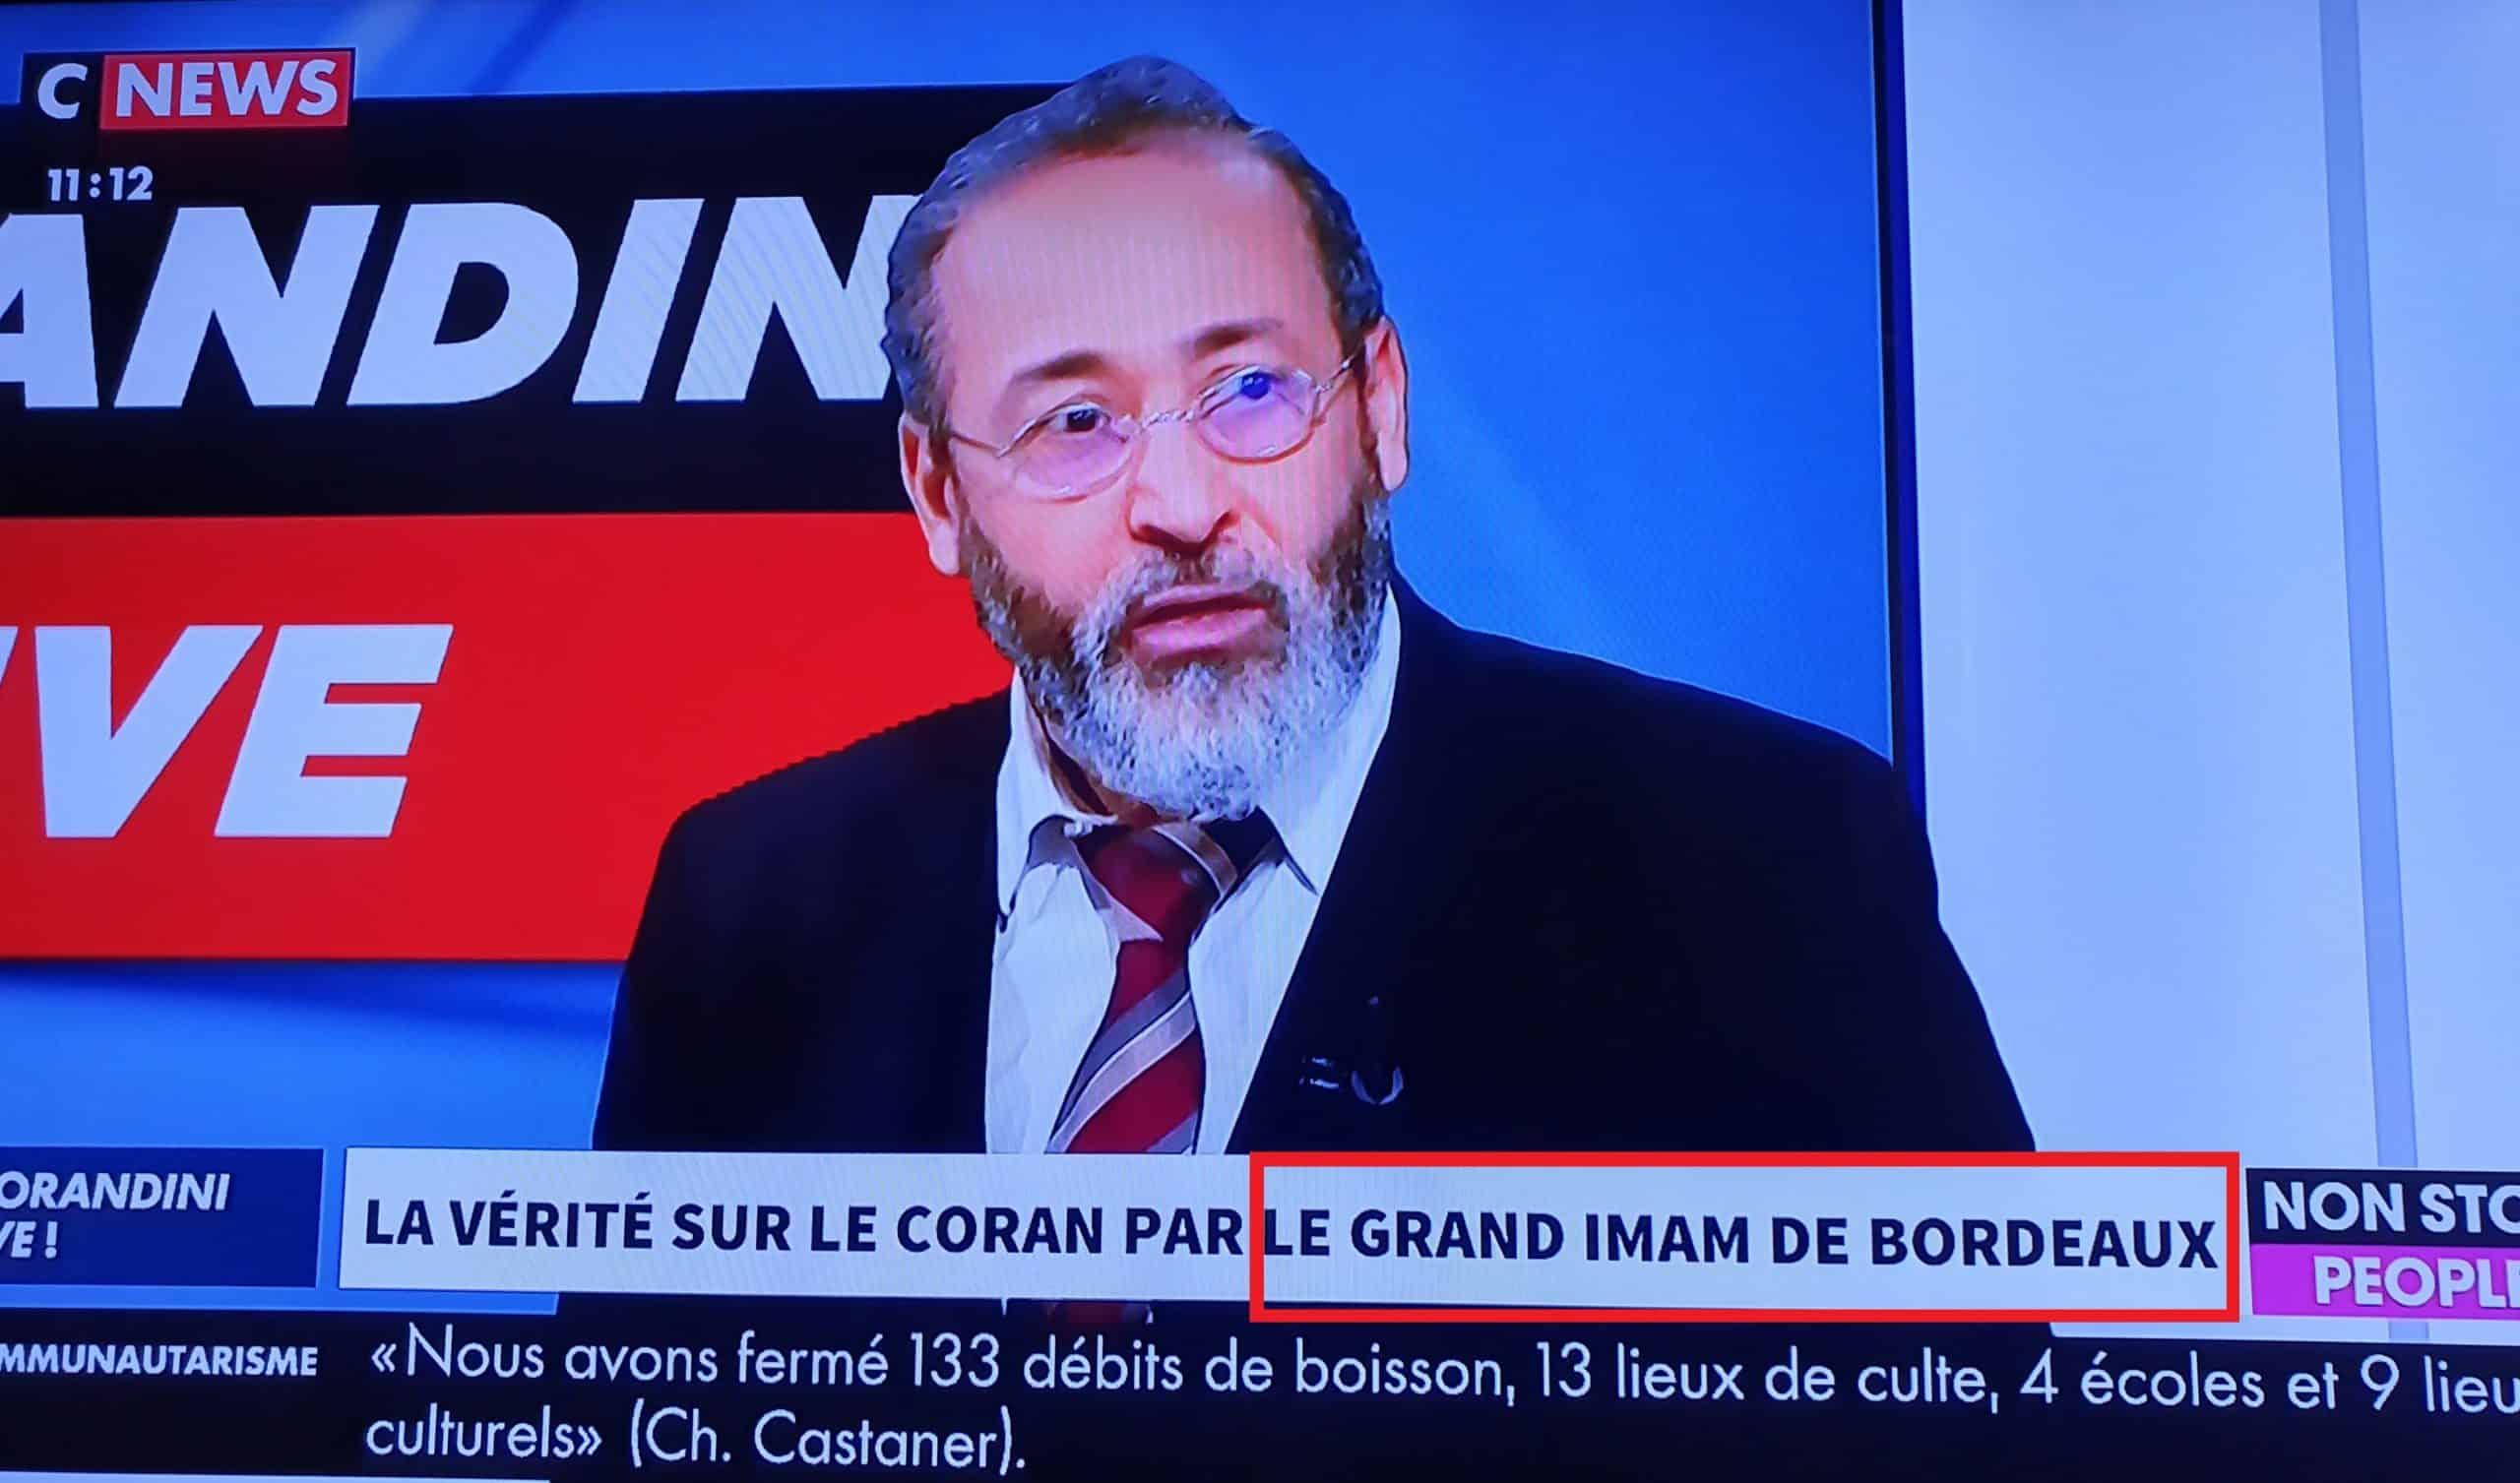 Tareq Oubrou grand imam de Bordeaux